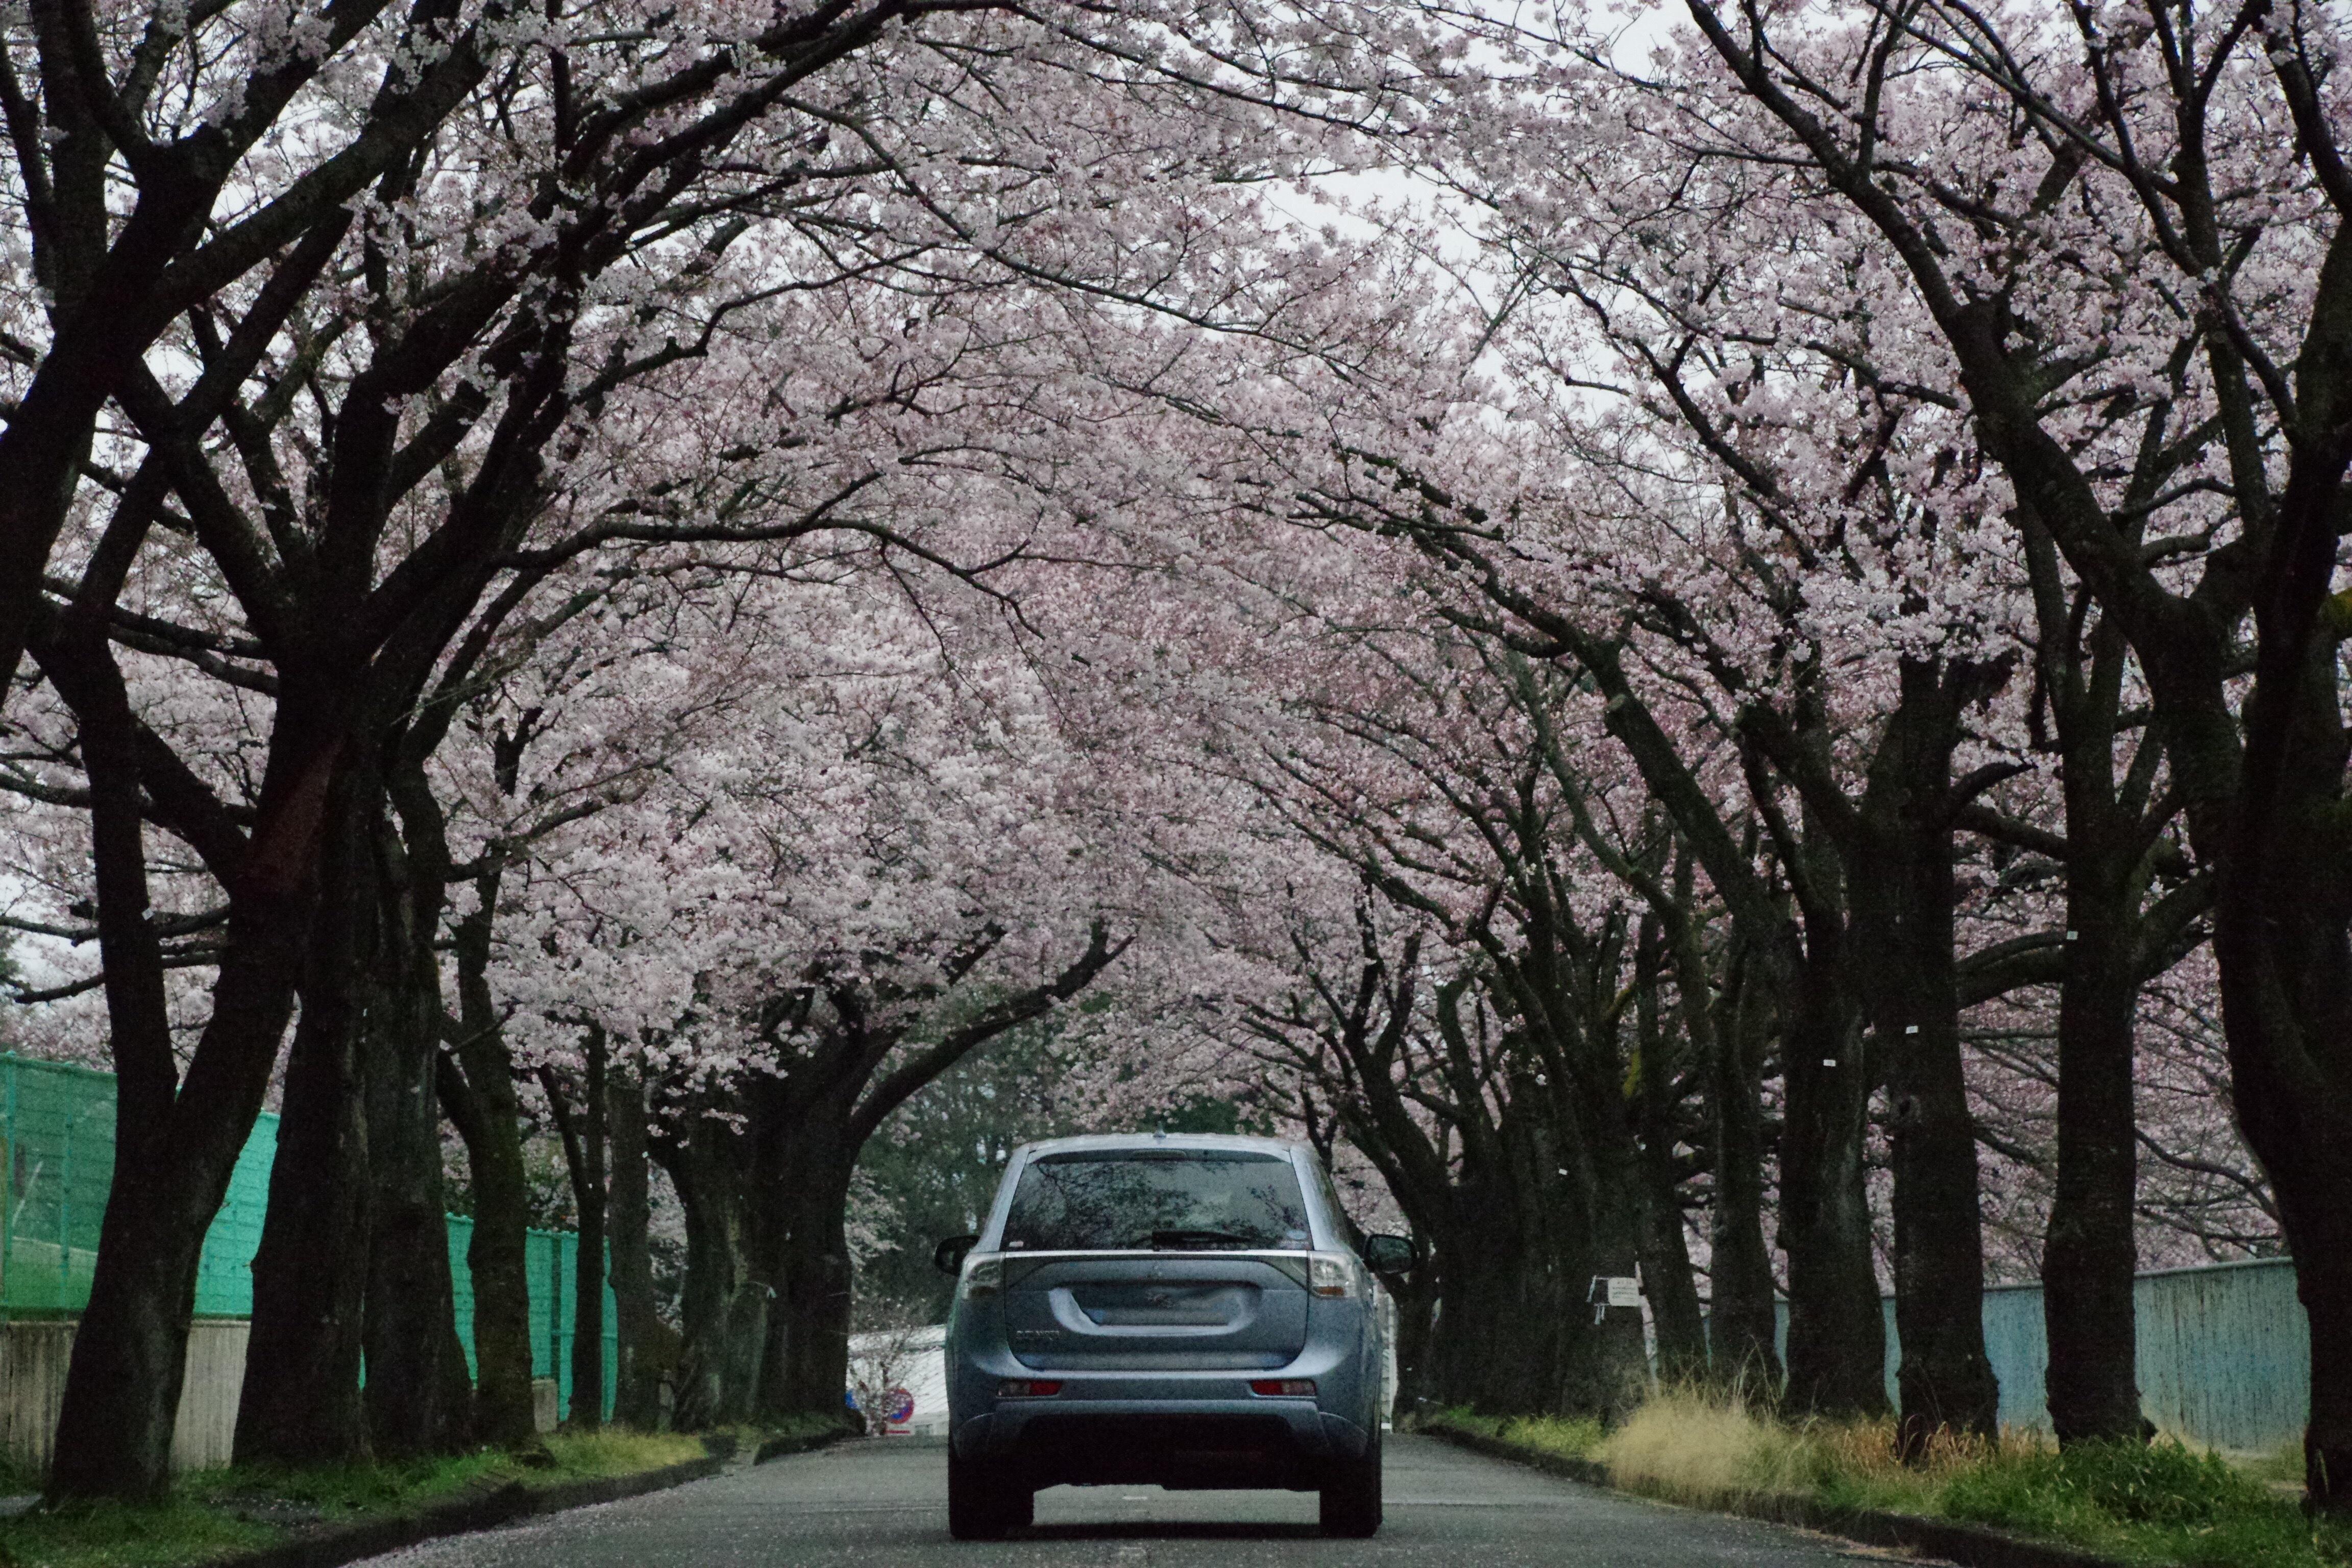 アウトランダーPHEV 桜トンネル 川崎フルーツパーク